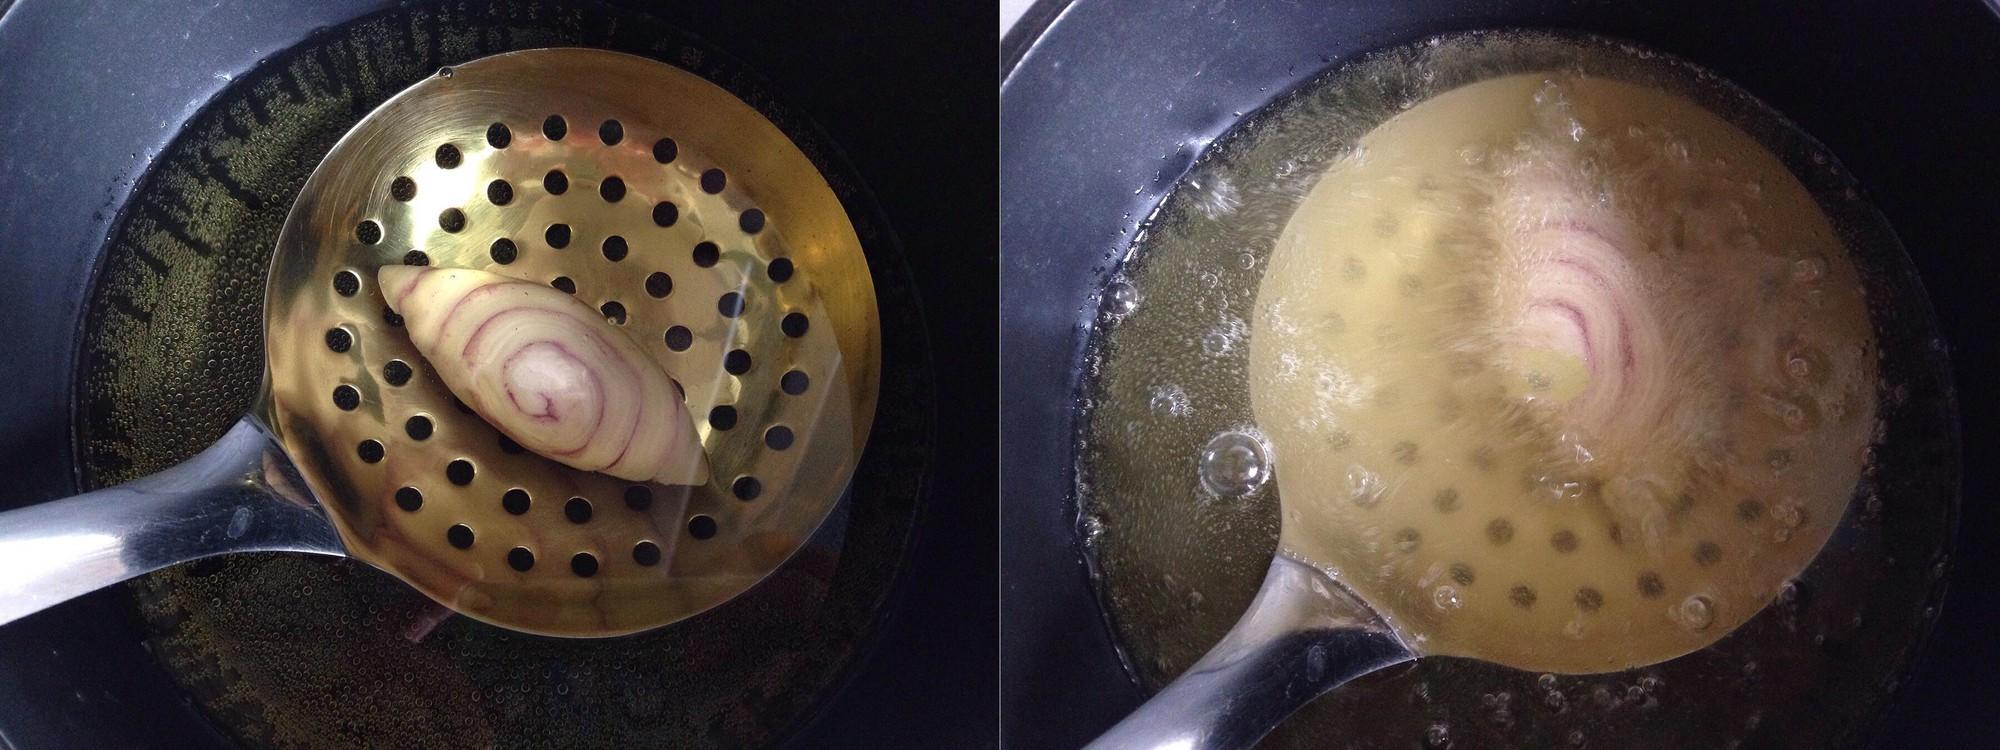 Không cần lò nướng cũng làm được bánh xoắn ốc siêu đẹp siêu ngon-5